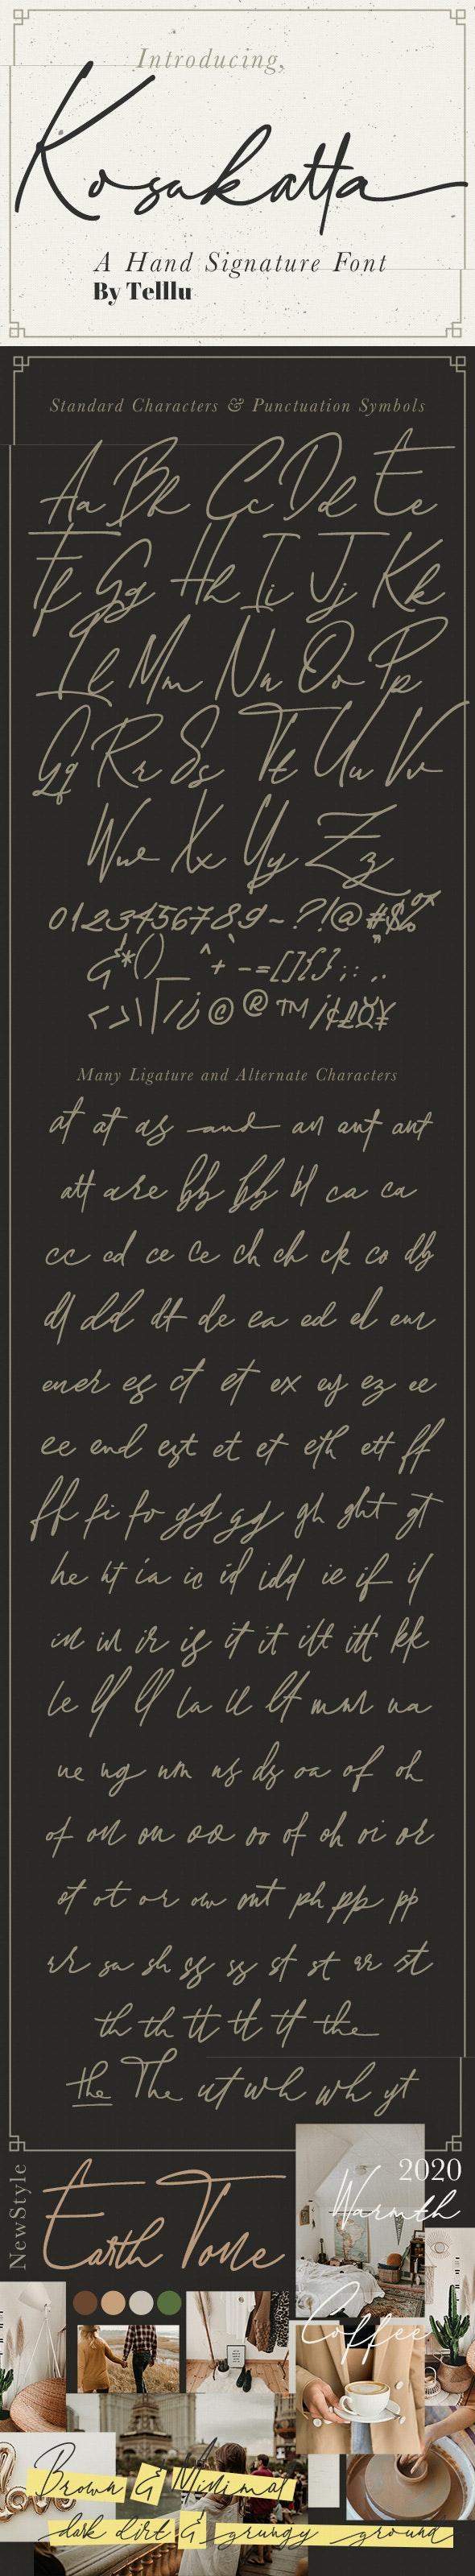 Kosakatta Signature - Handwriting Fonts